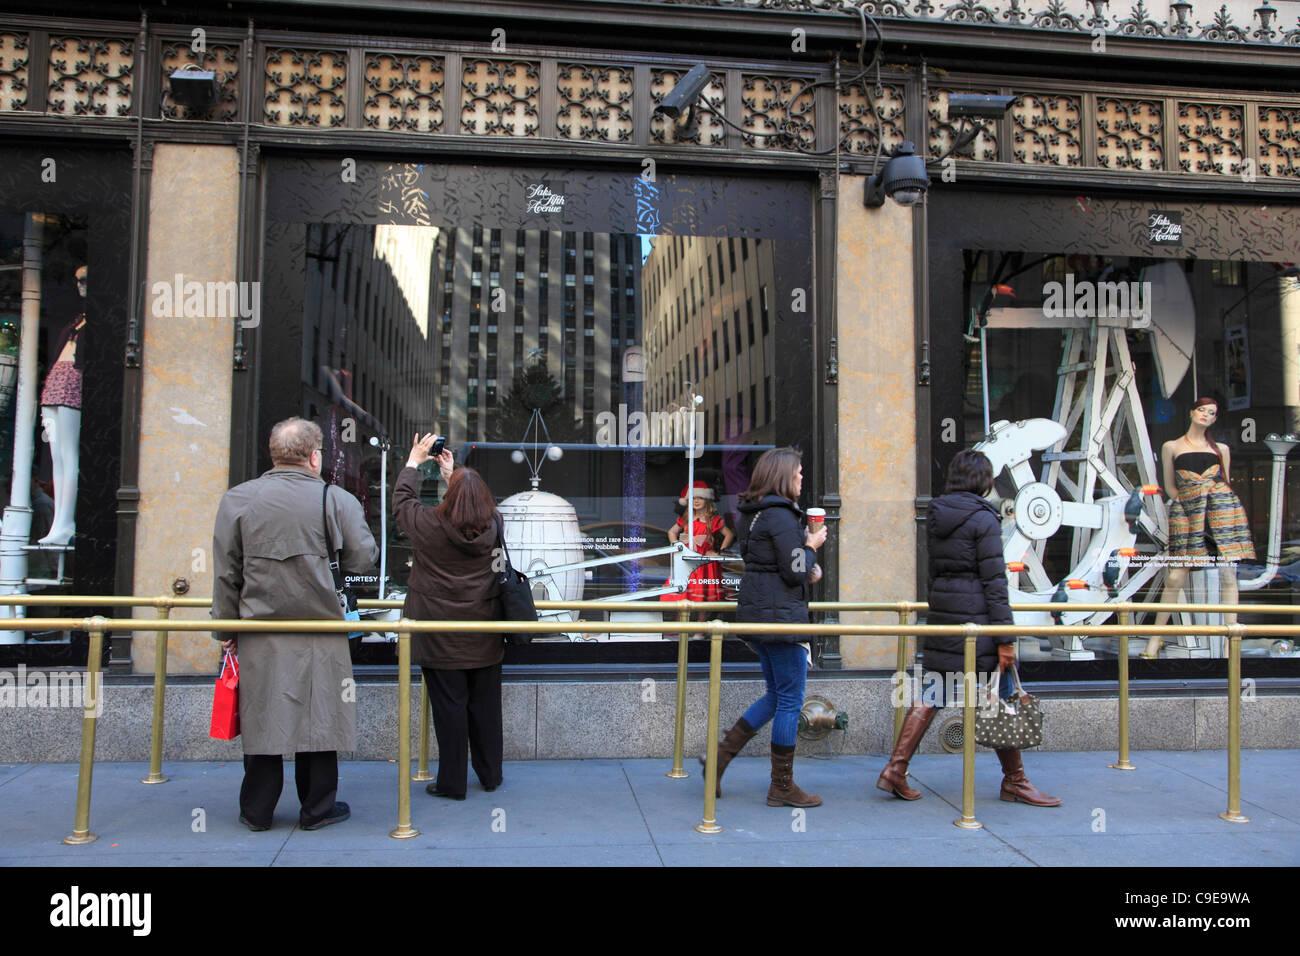 Fenster von Saks Fifth Avenue Kaufhaus dekoriert für Weihnachten ...